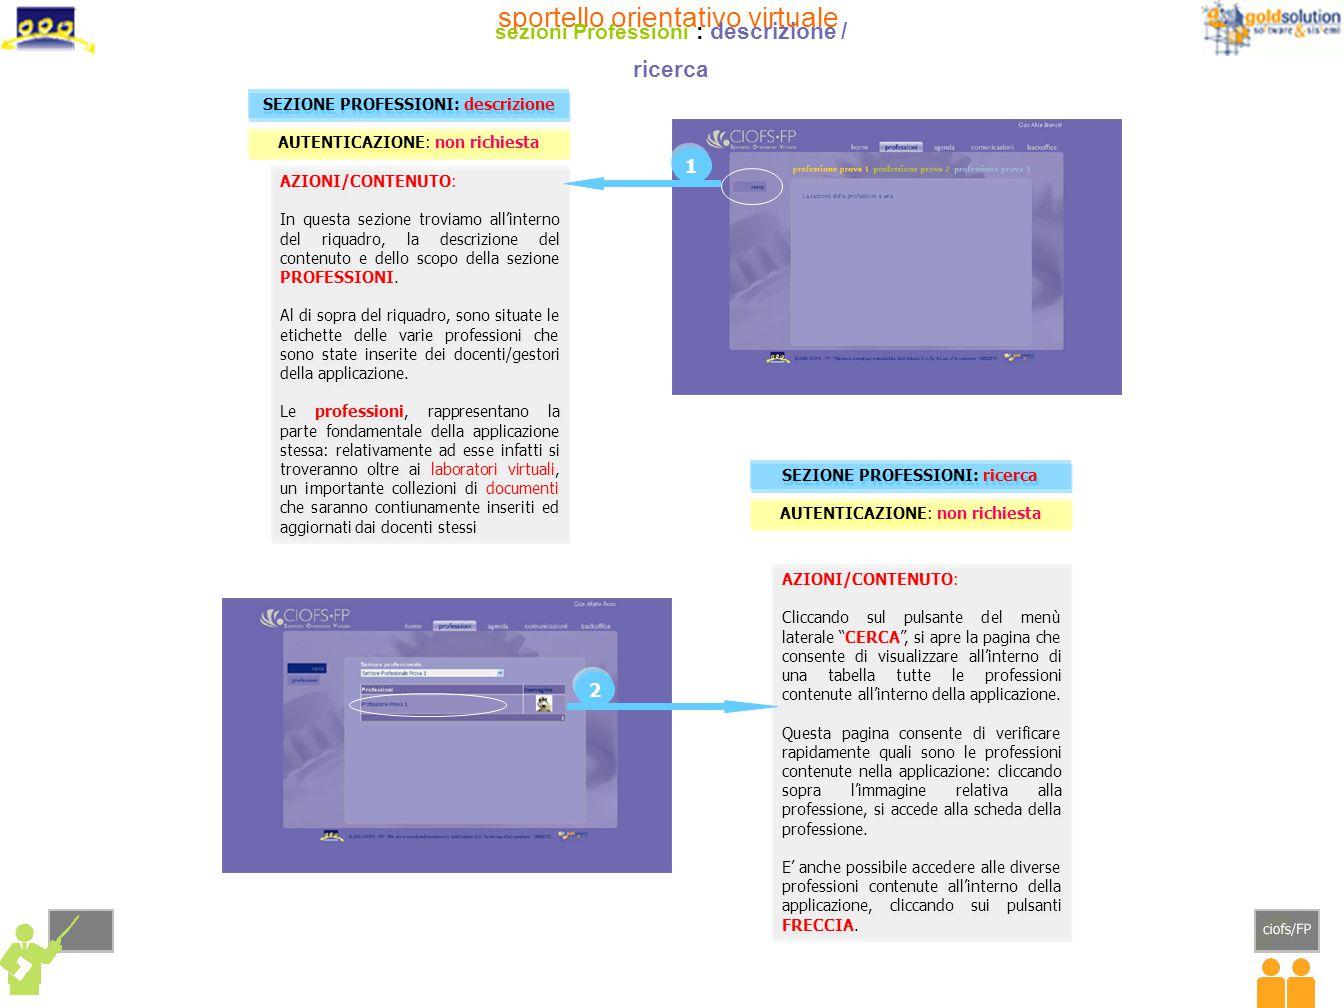 sportello orientativo virtuale sezione AGENDA DOCENTE / STUDENTE : QUIZ AZIONI/CONTENUTO: SEZIONE QUIZ: in tale scheda i docenti hanno la opportunità di selezionare all'interno di Caselle a Discesa la: - CLASSE - STUDENTE - QUIZ Per filtrare l'elenco dei quiz relativi.